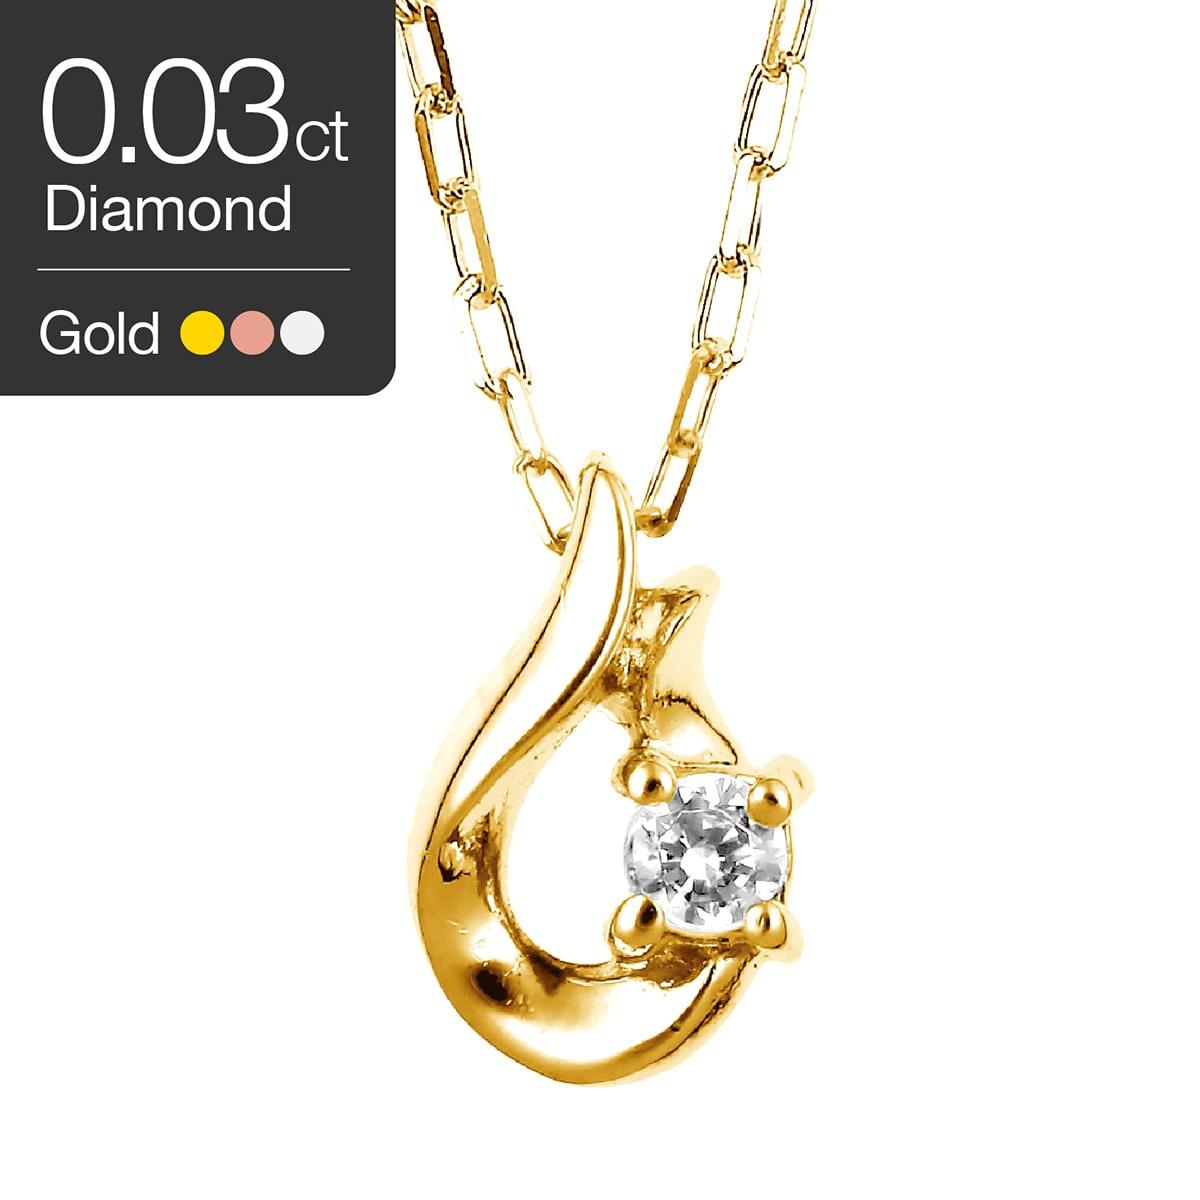 k10 ネックレス ダイヤモンド イエローゴールド/ホワイトゴールド/ピンクゴールド 品質保証書 金属アレルギー 日本製 誕生日 ギフト